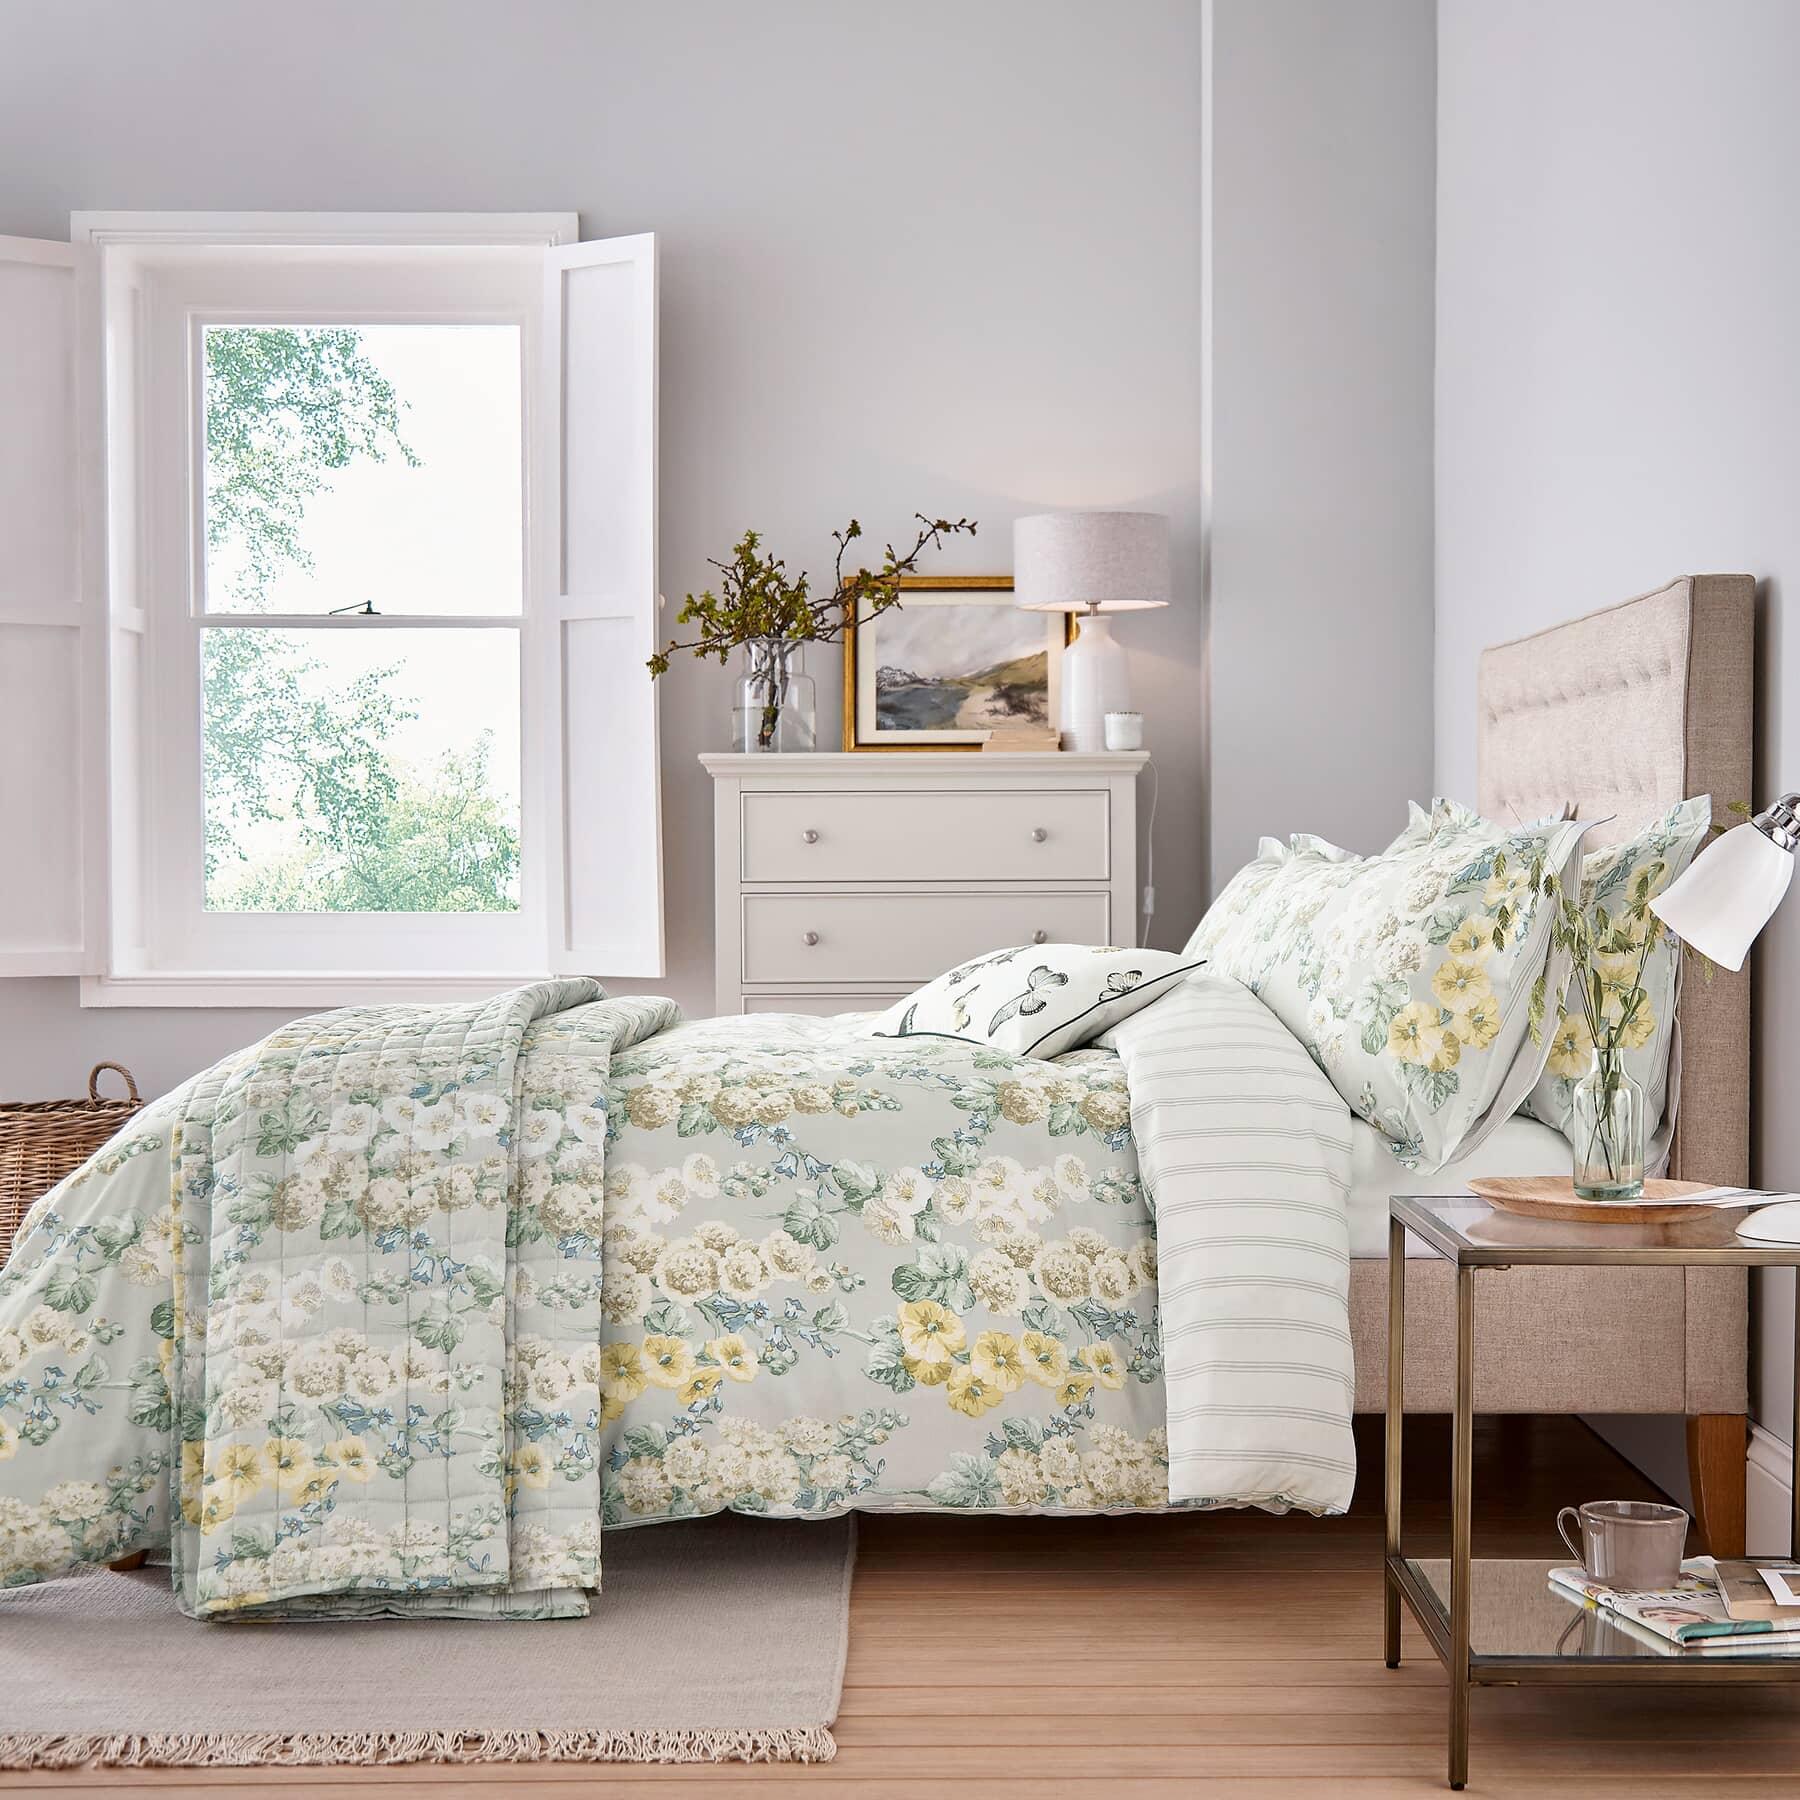 sanderson hollyhocks justlinen. Black Bedroom Furniture Sets. Home Design Ideas